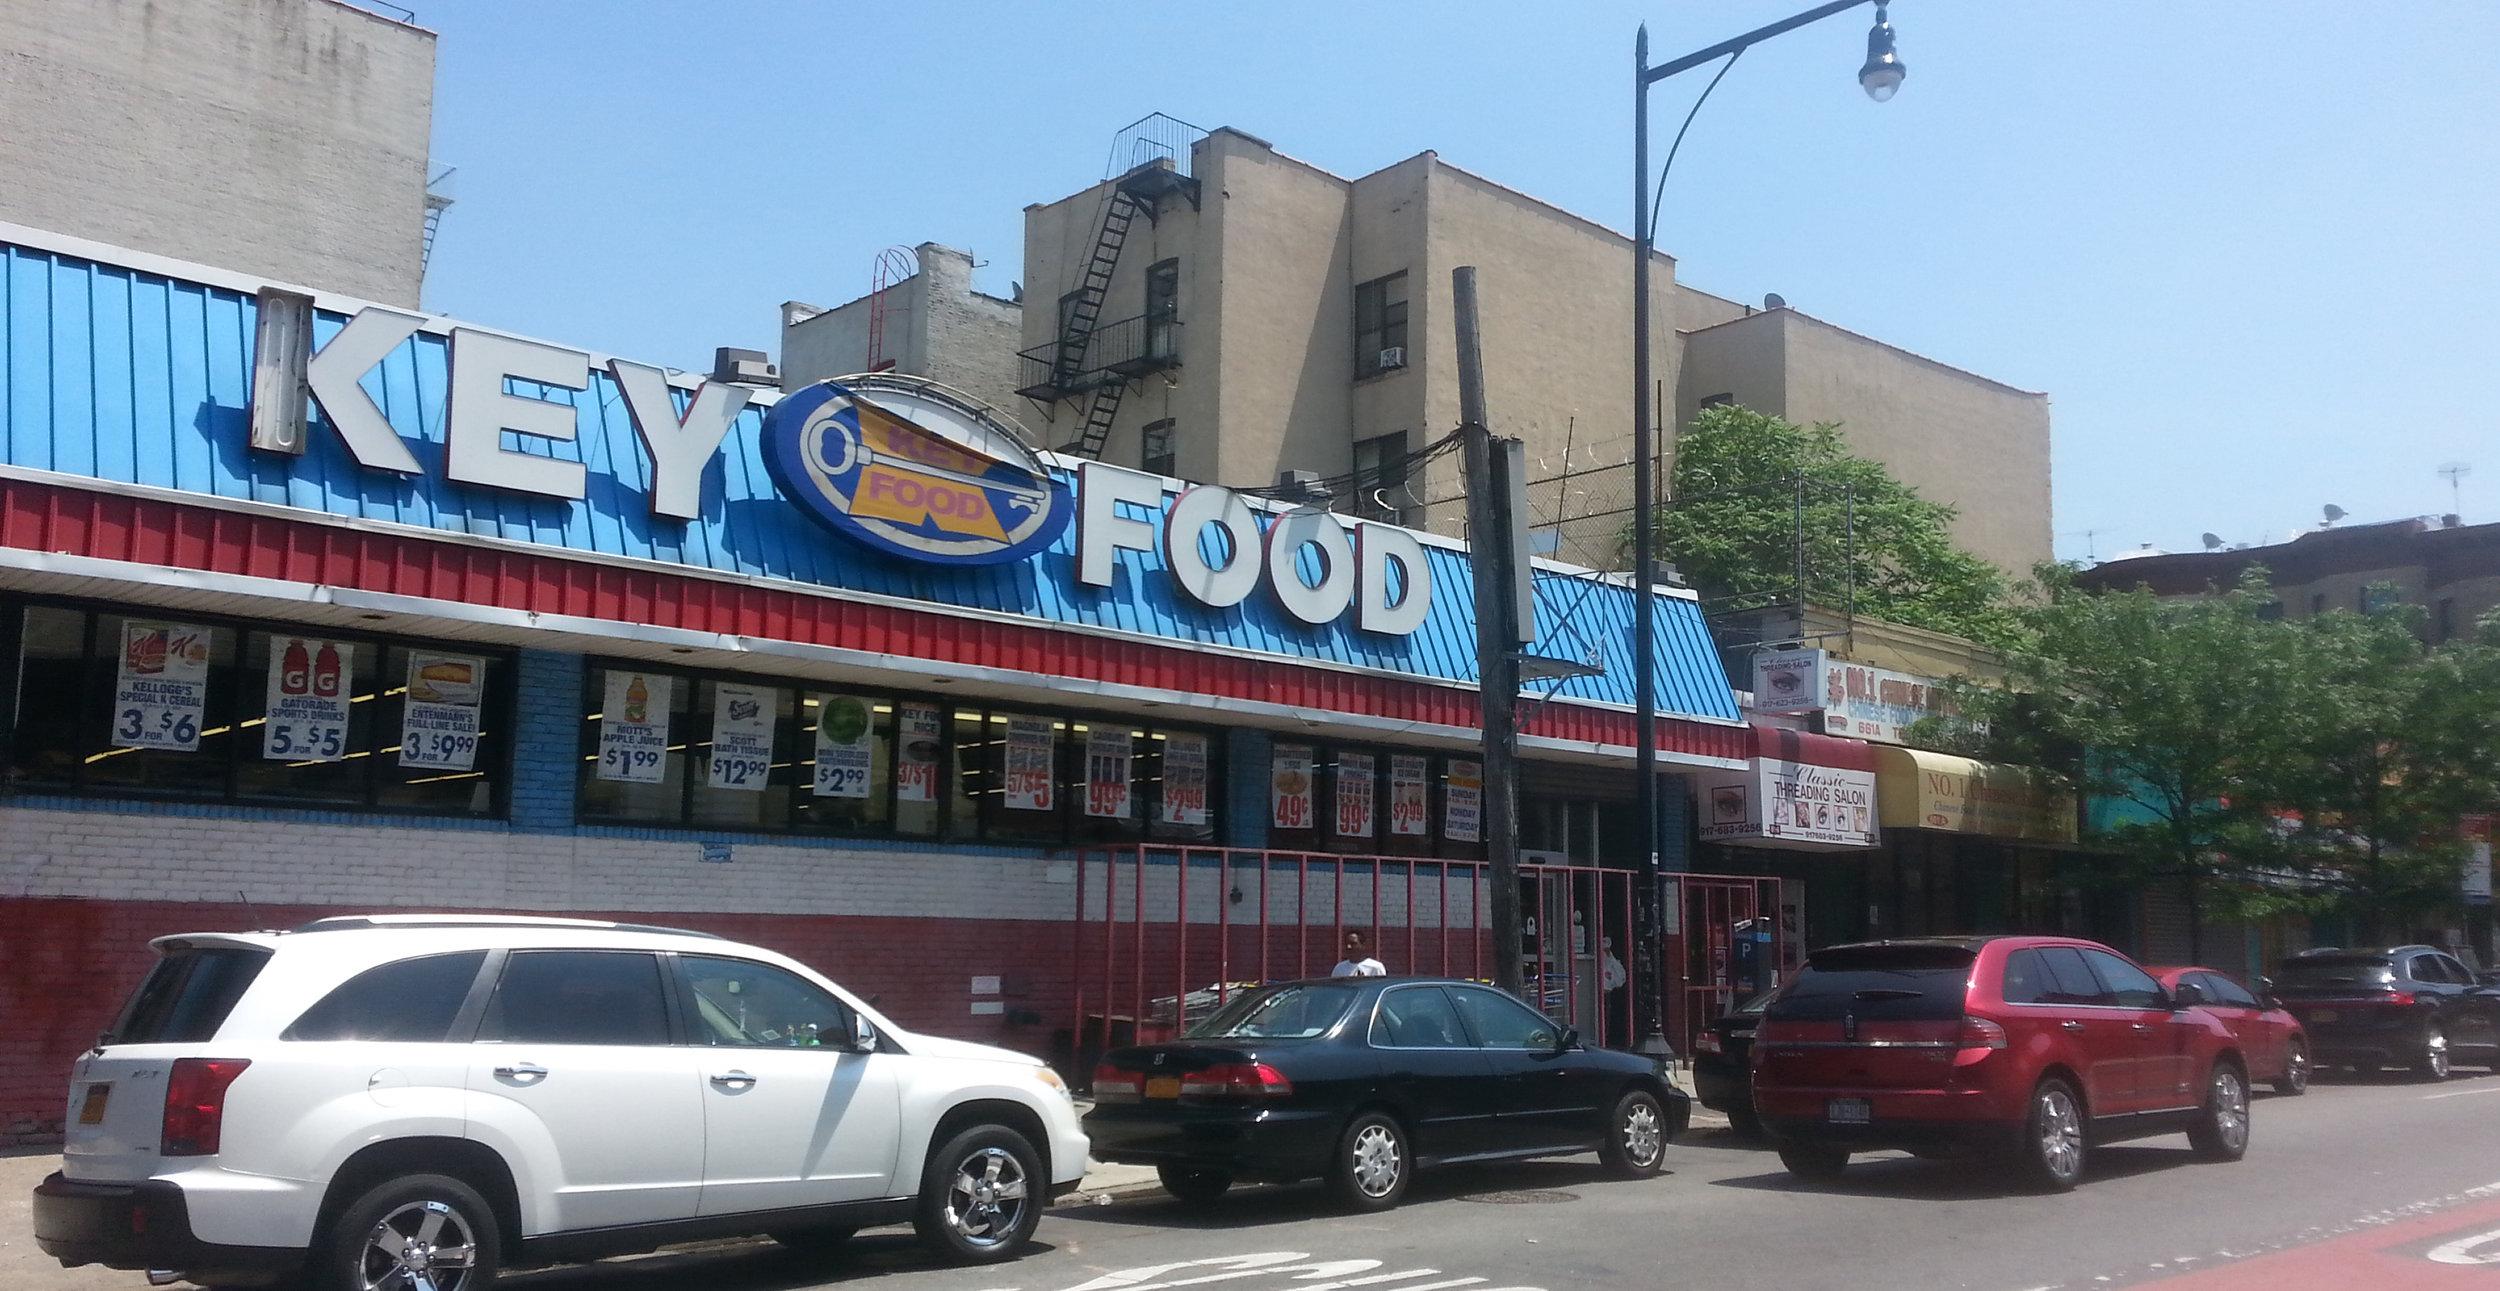 653 Nostrand Ave., Brooklyn, NY. Photo: Darryl Montgomery.